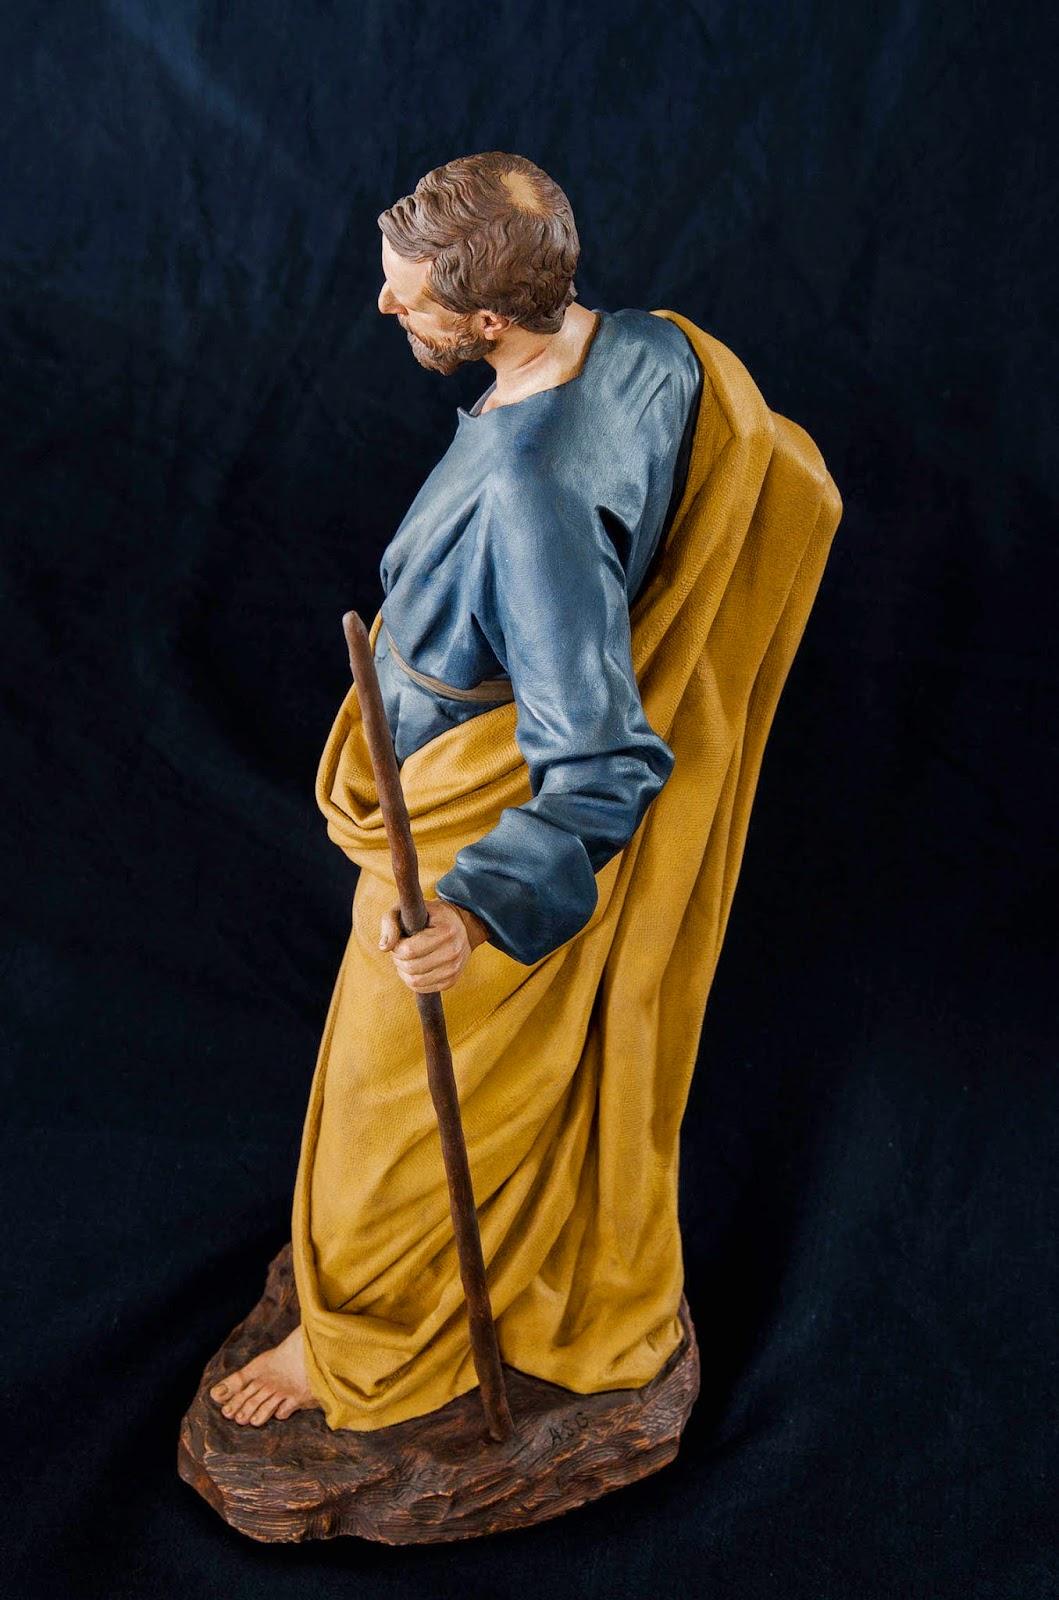 Nacimiento Belén Nativity presepe krippe Arturo Serra Barro cocido 8